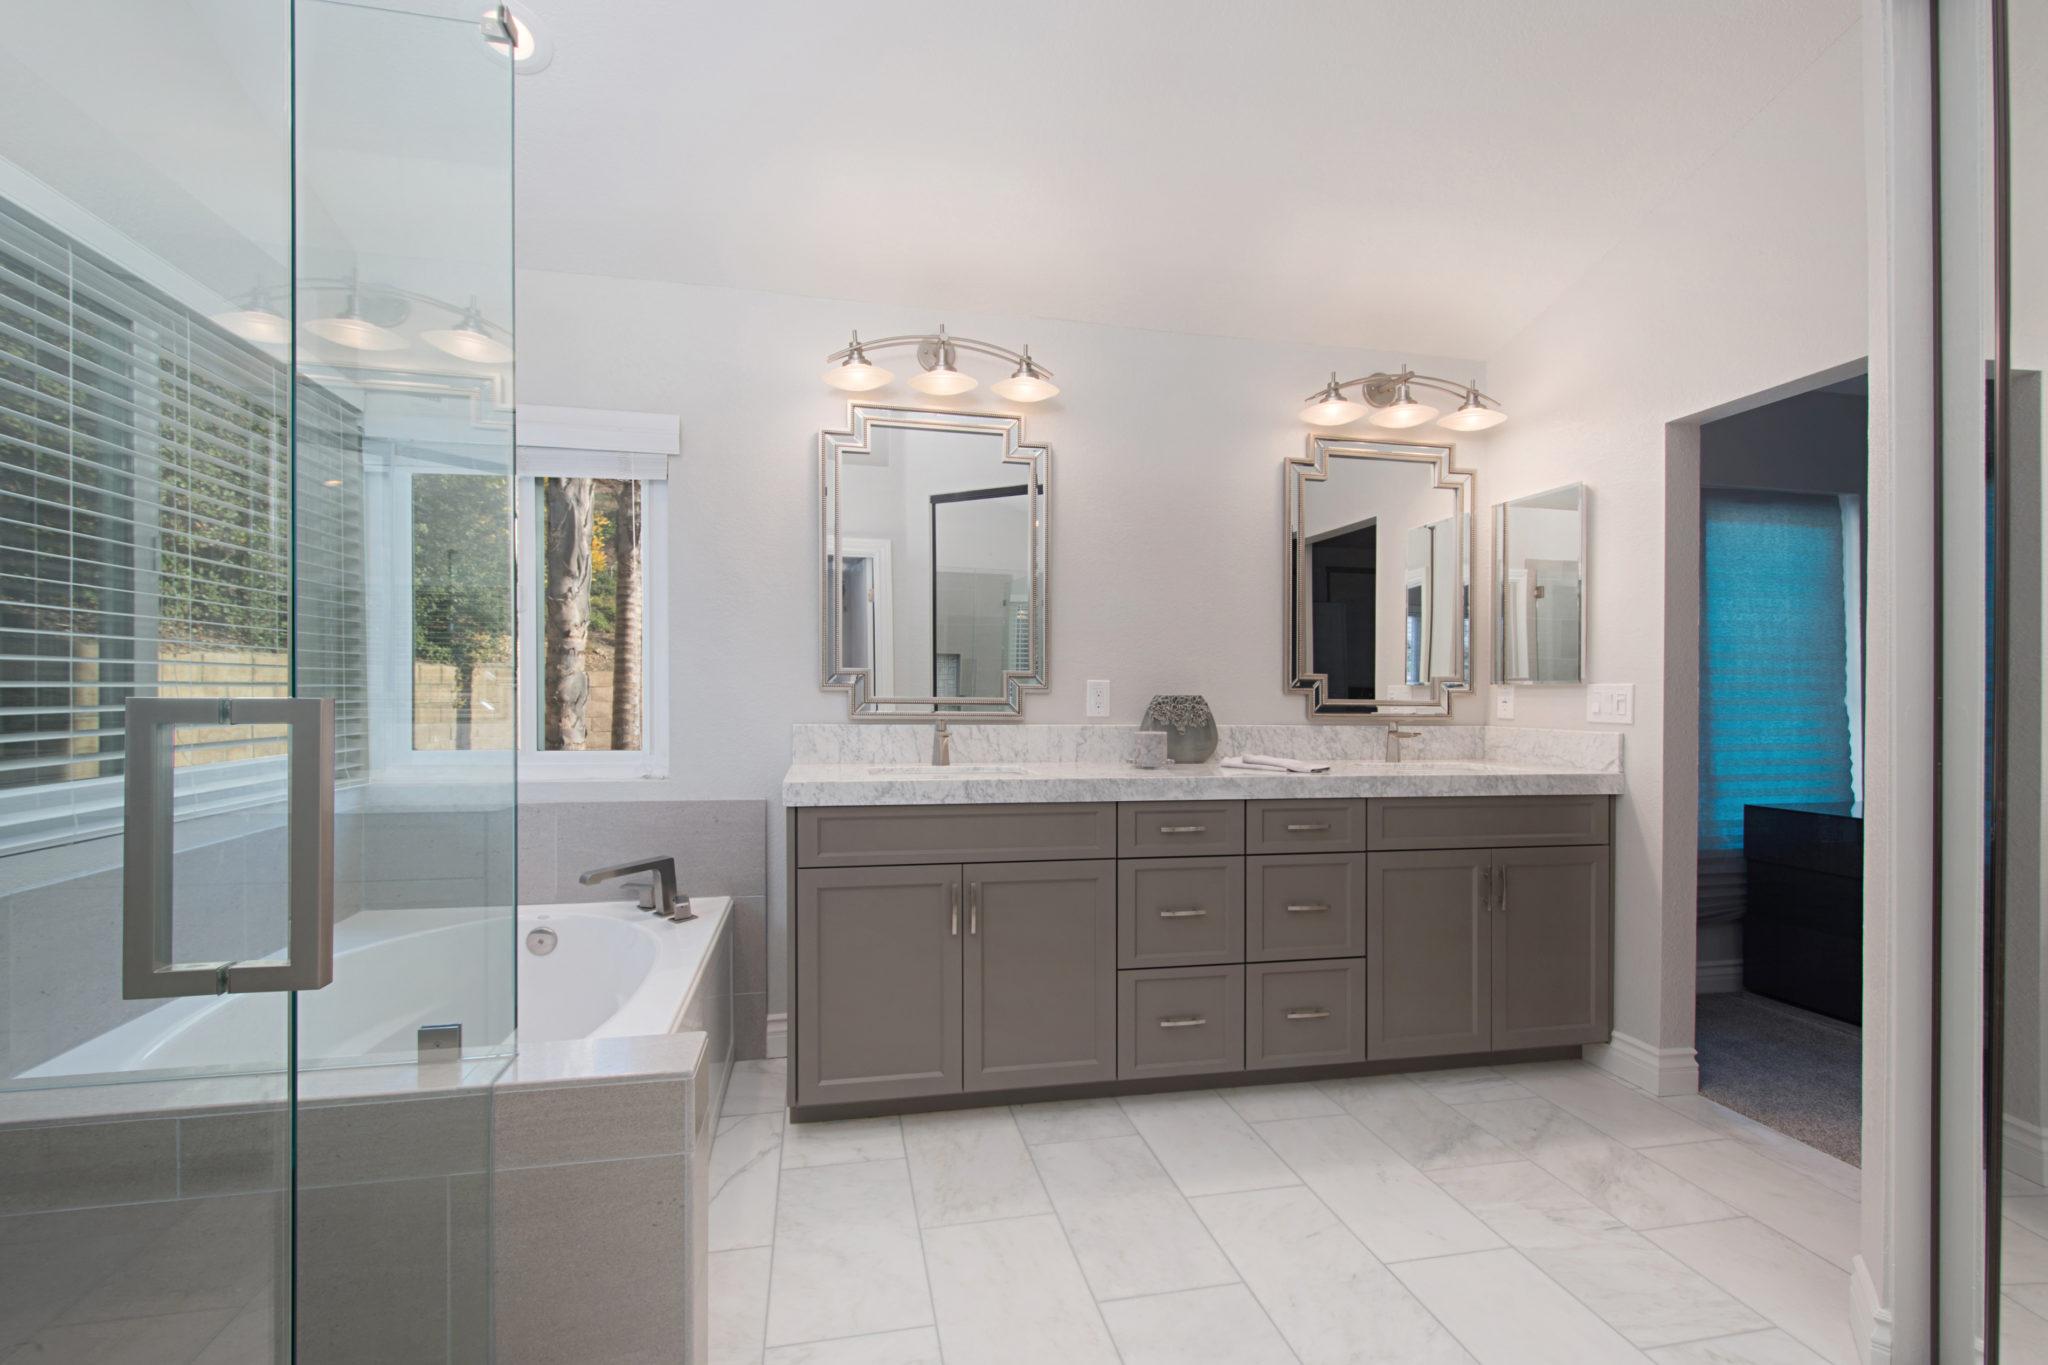 Bathroom Remodeling Contractor Vista Contractor In Carlsbad - Bathroom remodel carlsbad